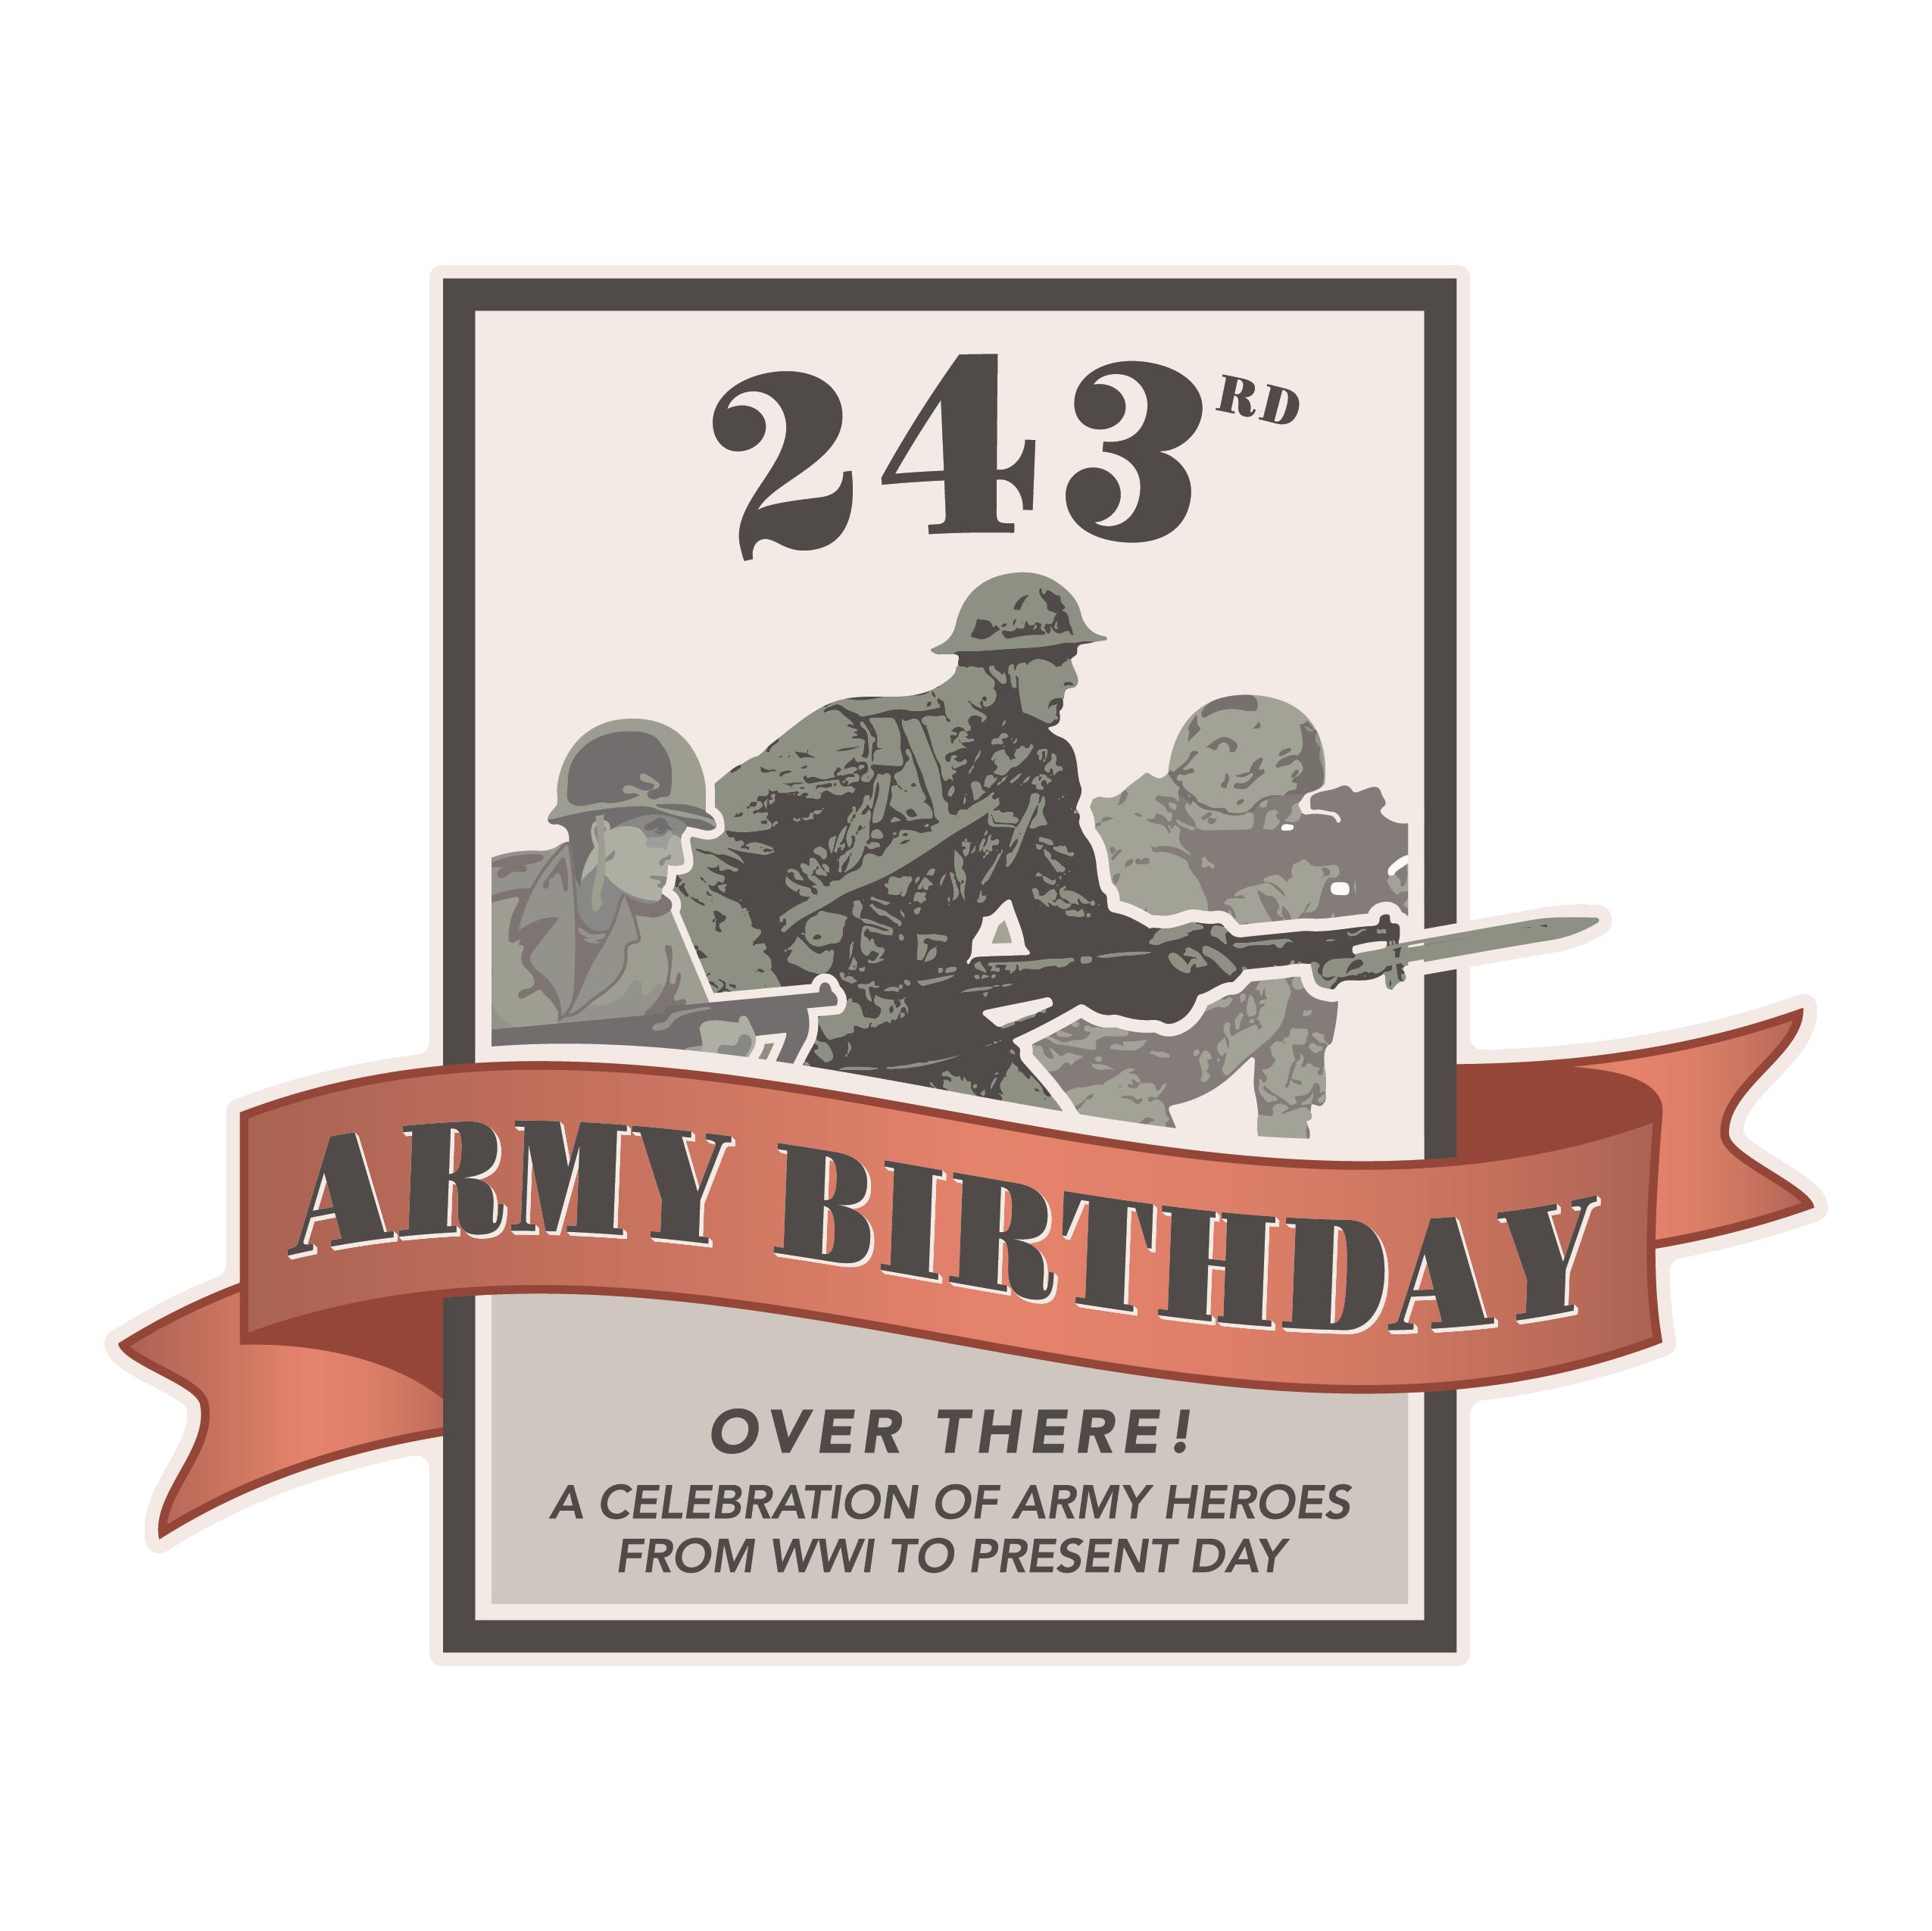 2018 Army Birthday Logo - FINAL